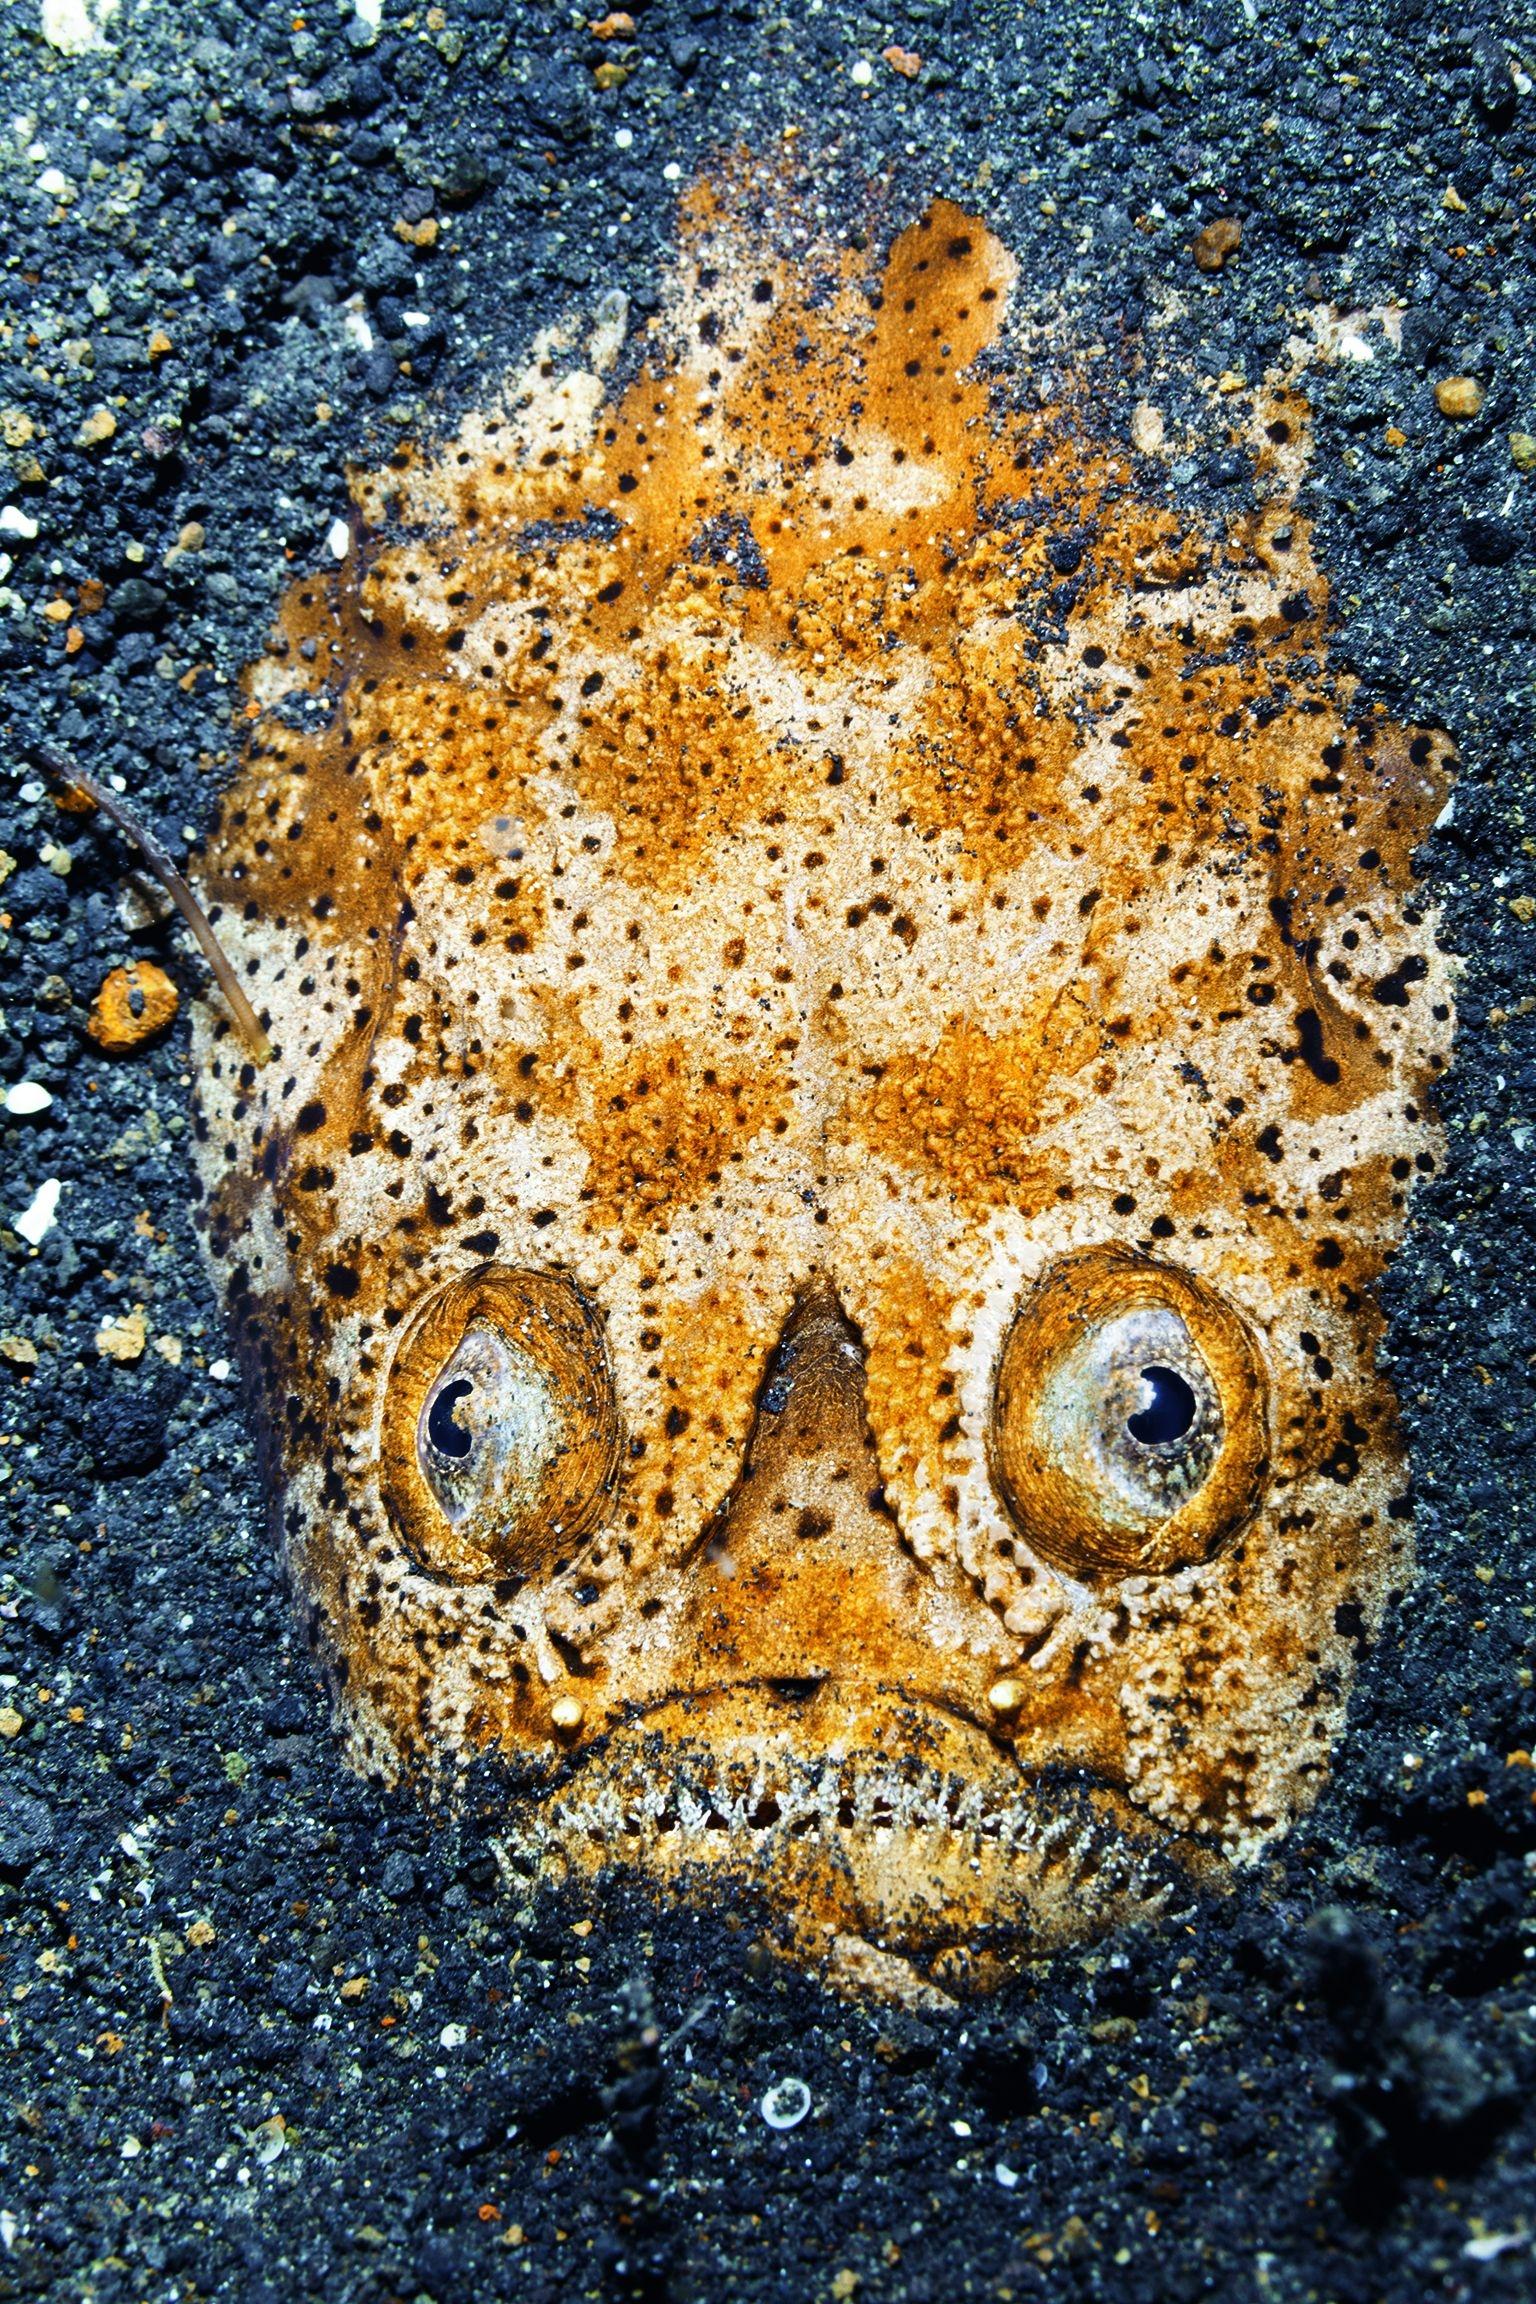 印尼。在蘇拉威西島東岸的藍碧海峽海床上,一條瞻星魚的臉部和大大的眼睛從黑色的火山砂中冒出來,這條魚的身長有30公分。瞻星魚的雙眼長在頭頂上(因此英文俗名為「觀星魚」),以伏擊的方式獵食。PHOTO: JENNIFER JO STOCK